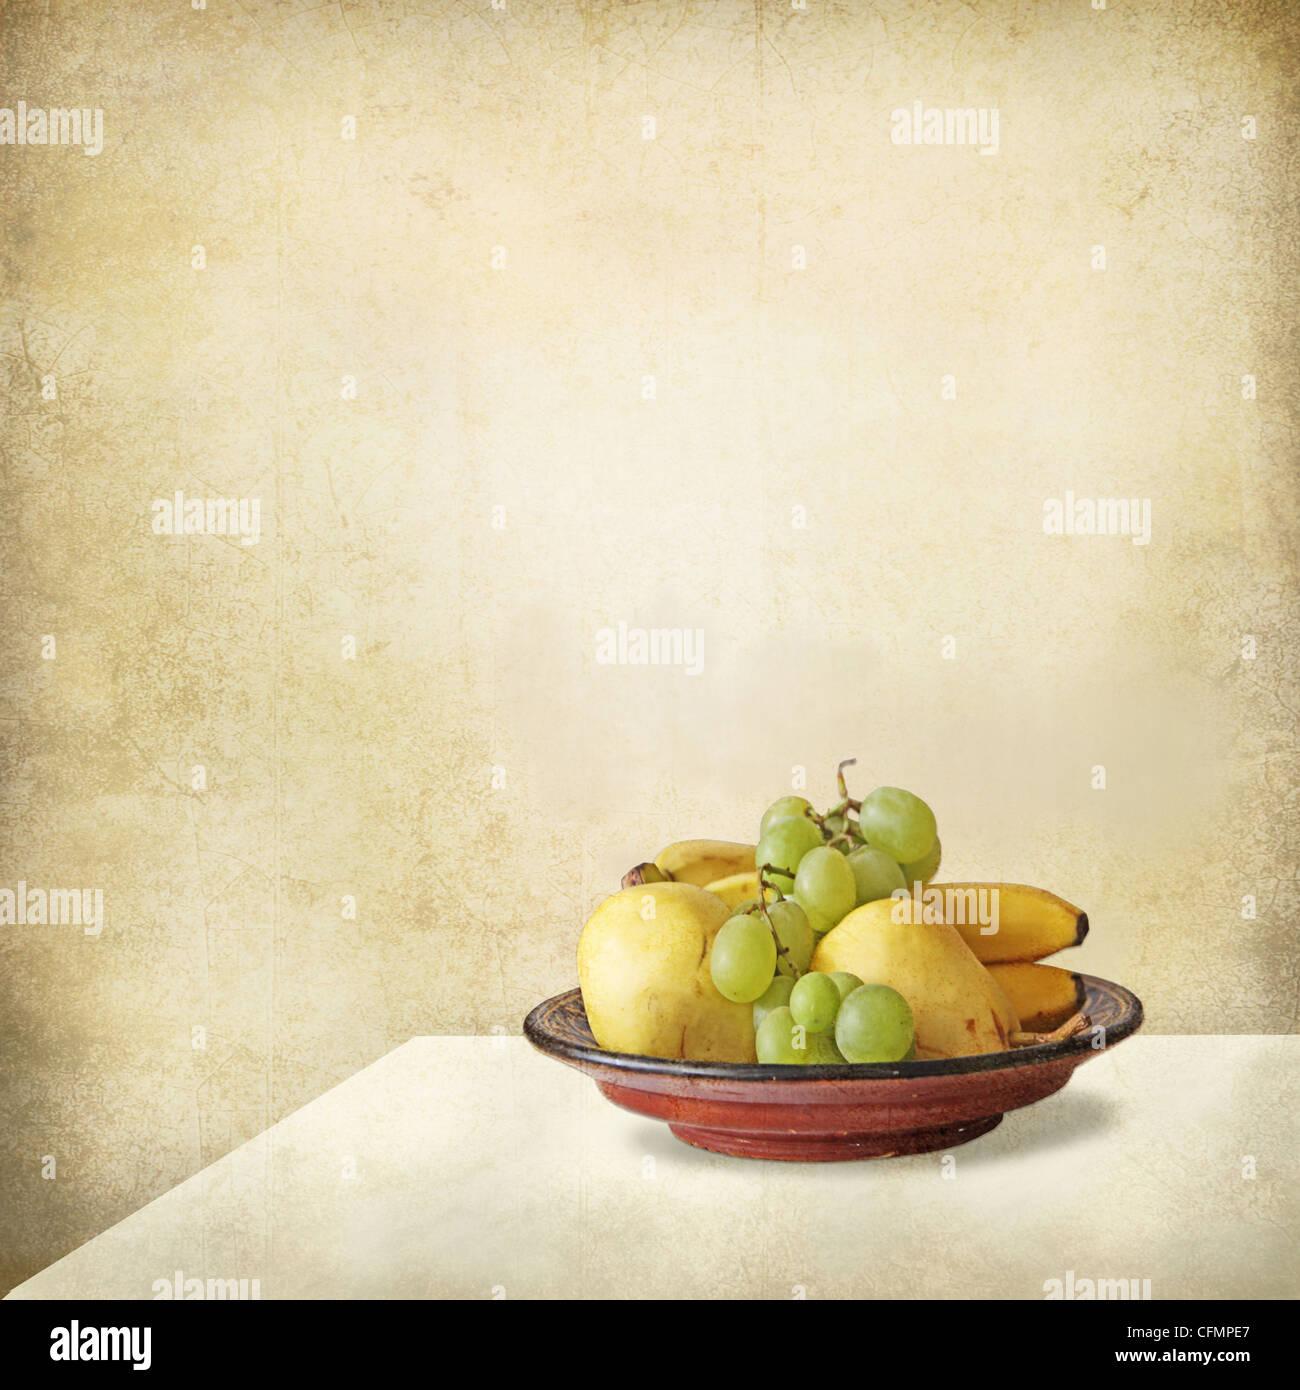 Grunge encore vie d'un intérieur lumineux, une table et un bac plein de fruits, raisins, bananes, poires. Banque D'Images